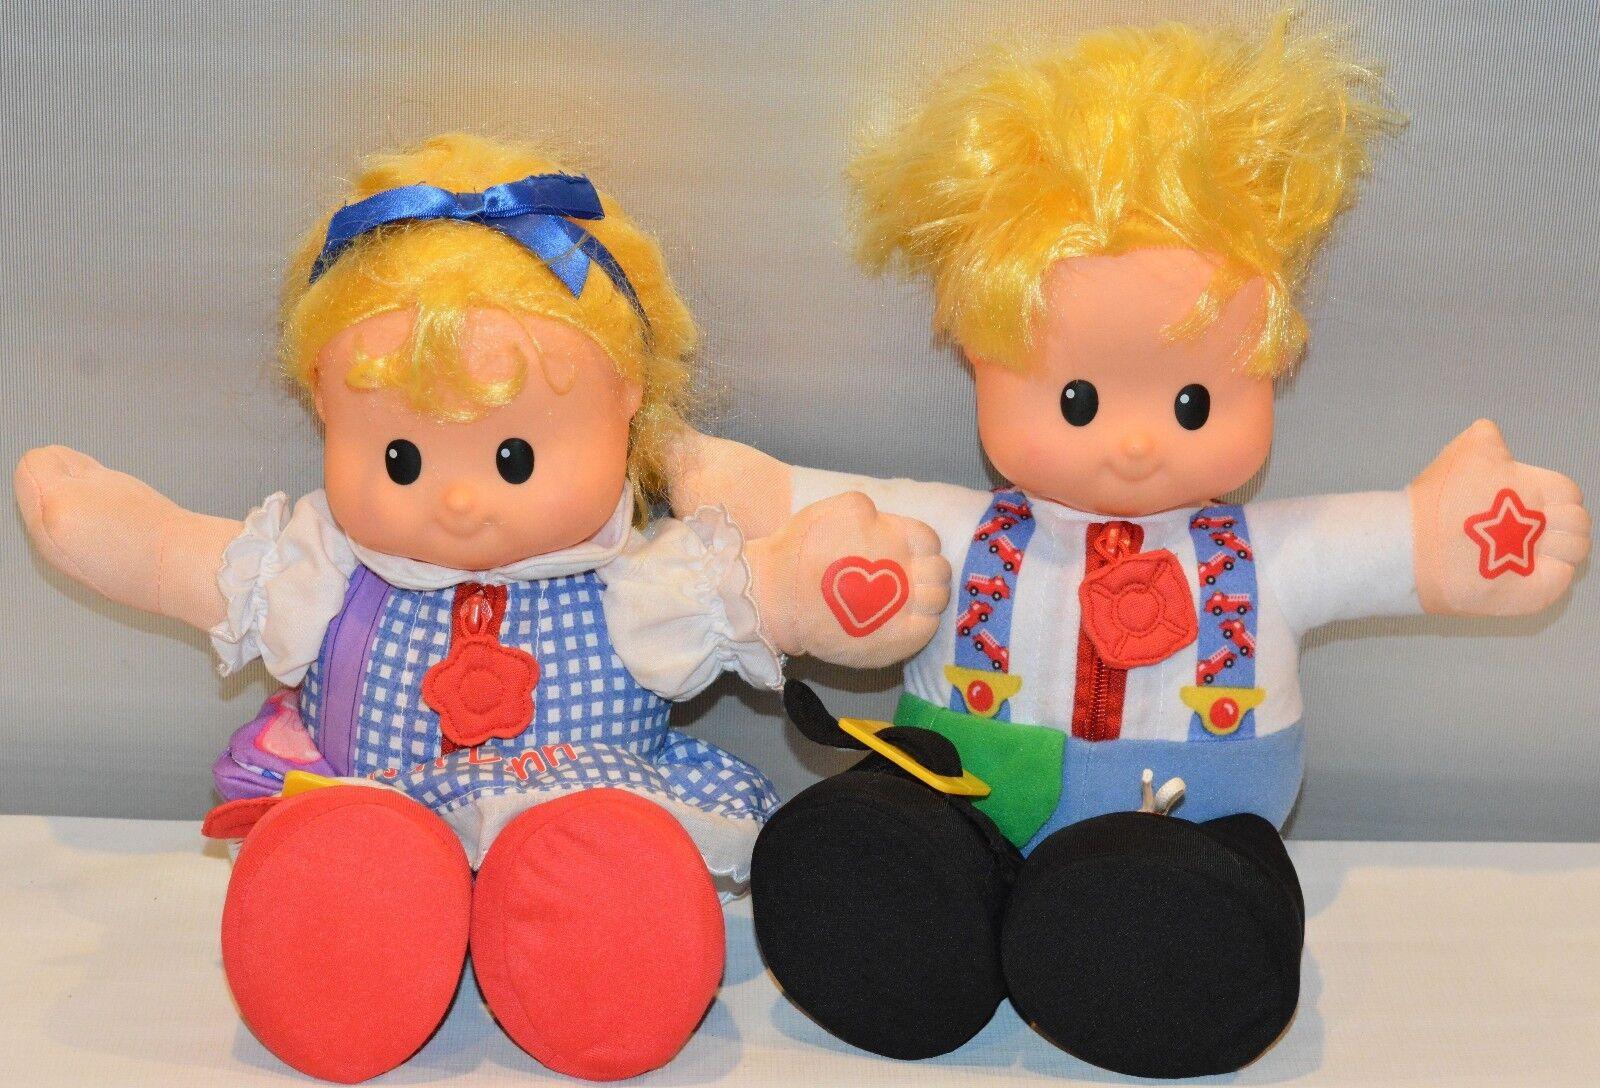 2 Little People Dolls Dolls Dolls - Sarah Lynn Learn to Dress Doll & Boy Yellow Hair 8c9522